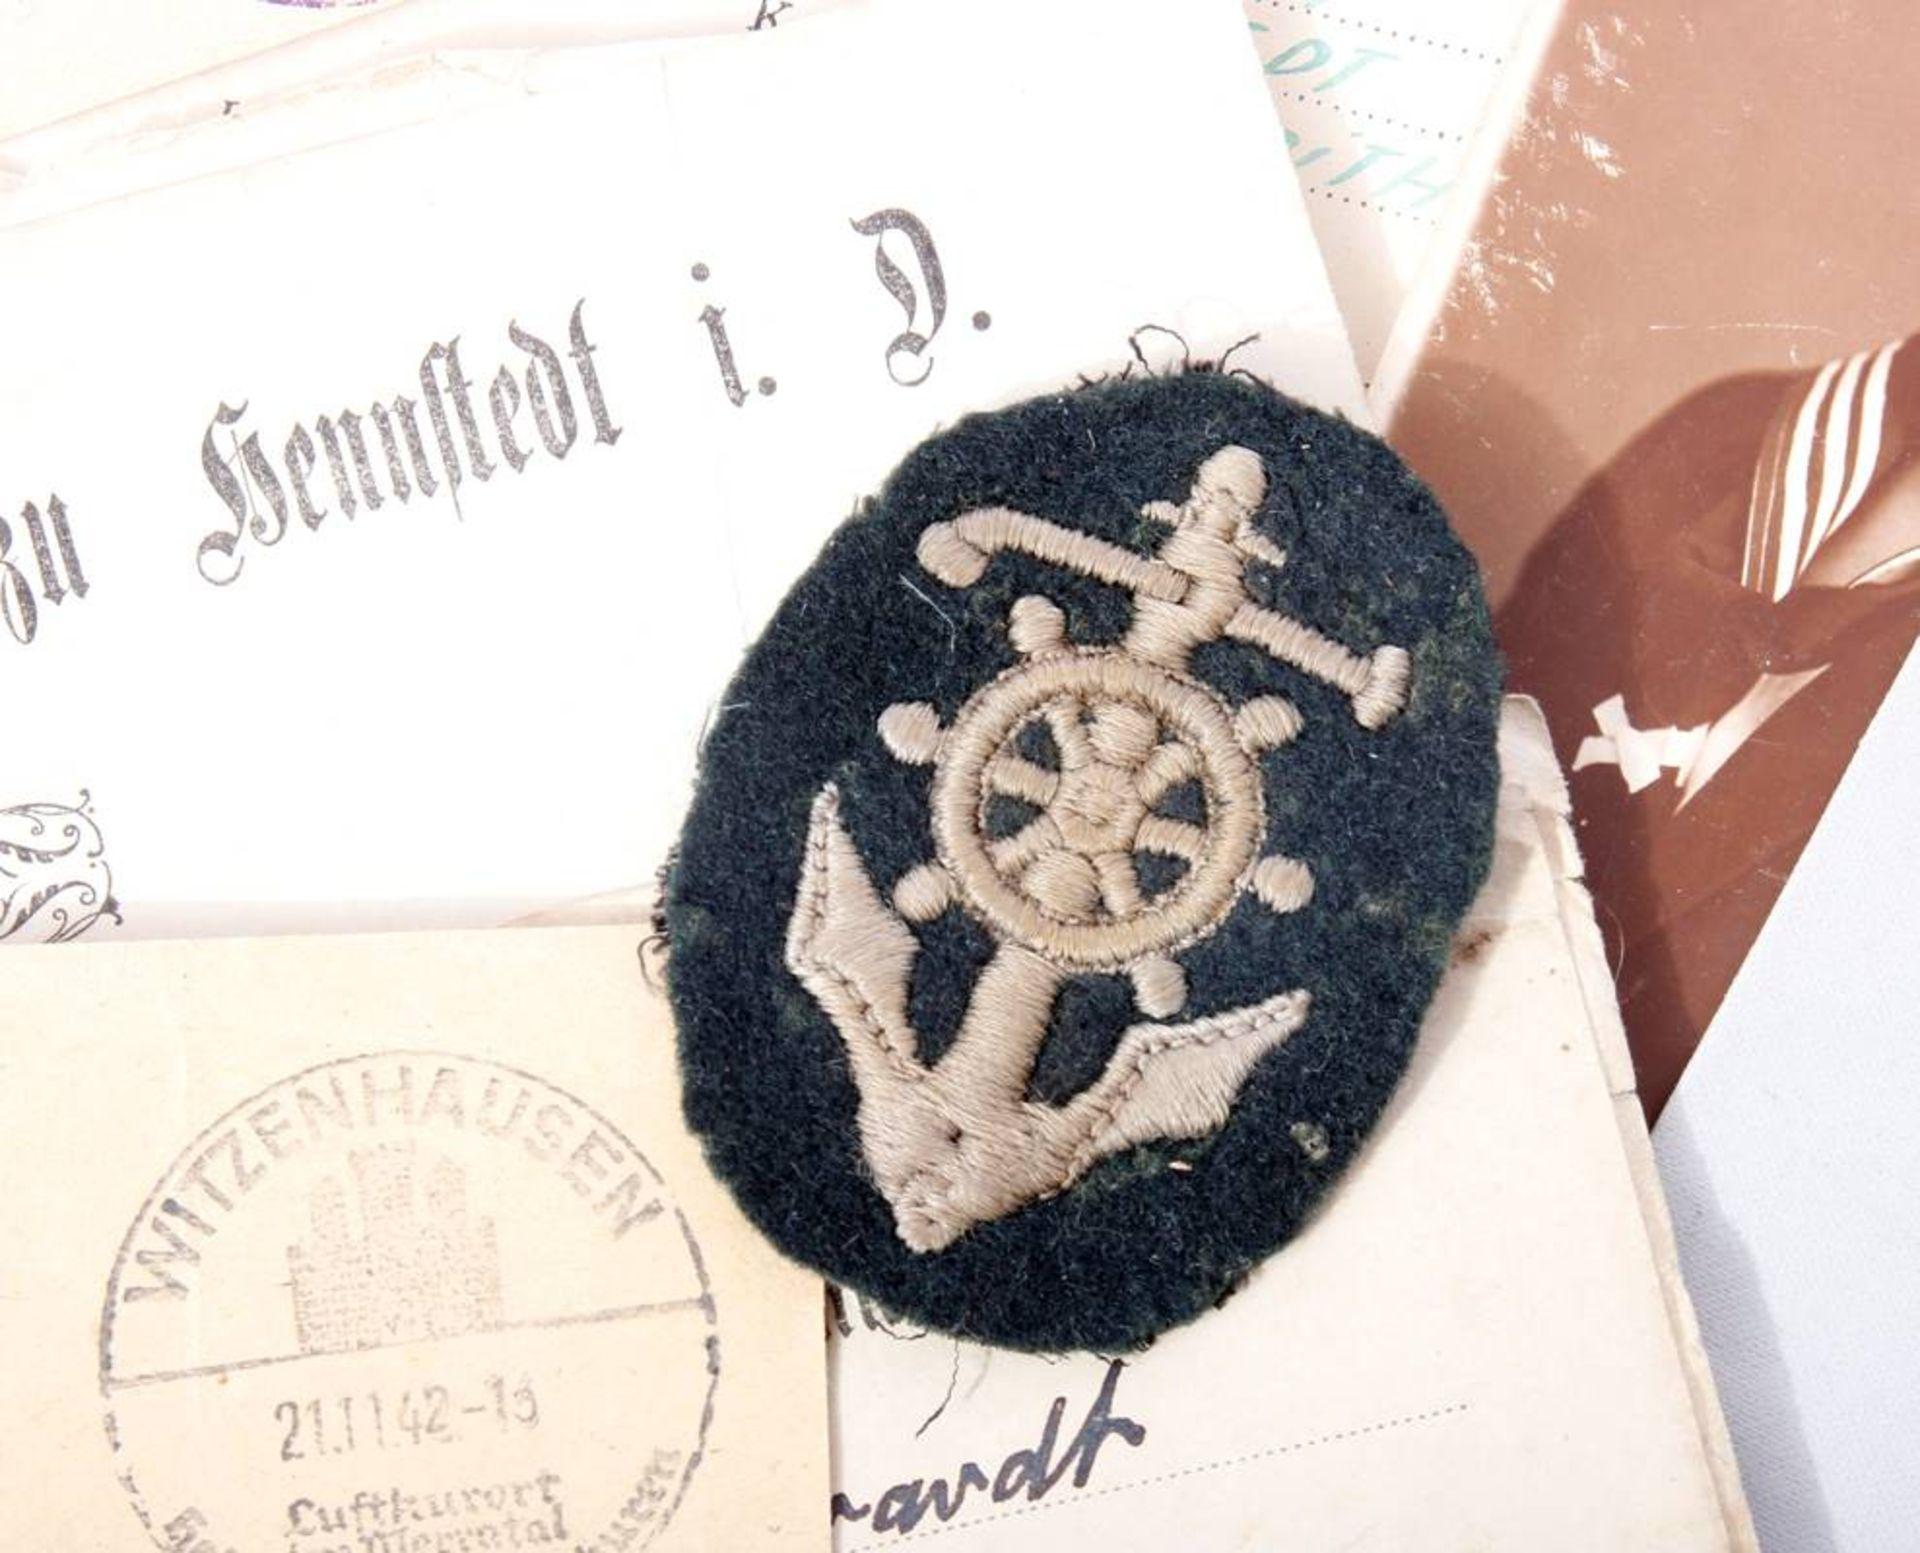 Nachlass eines Pionier Steuermanns für Sturmboote WehrmachtPapiere , Fotos und - Bild 2 aus 3